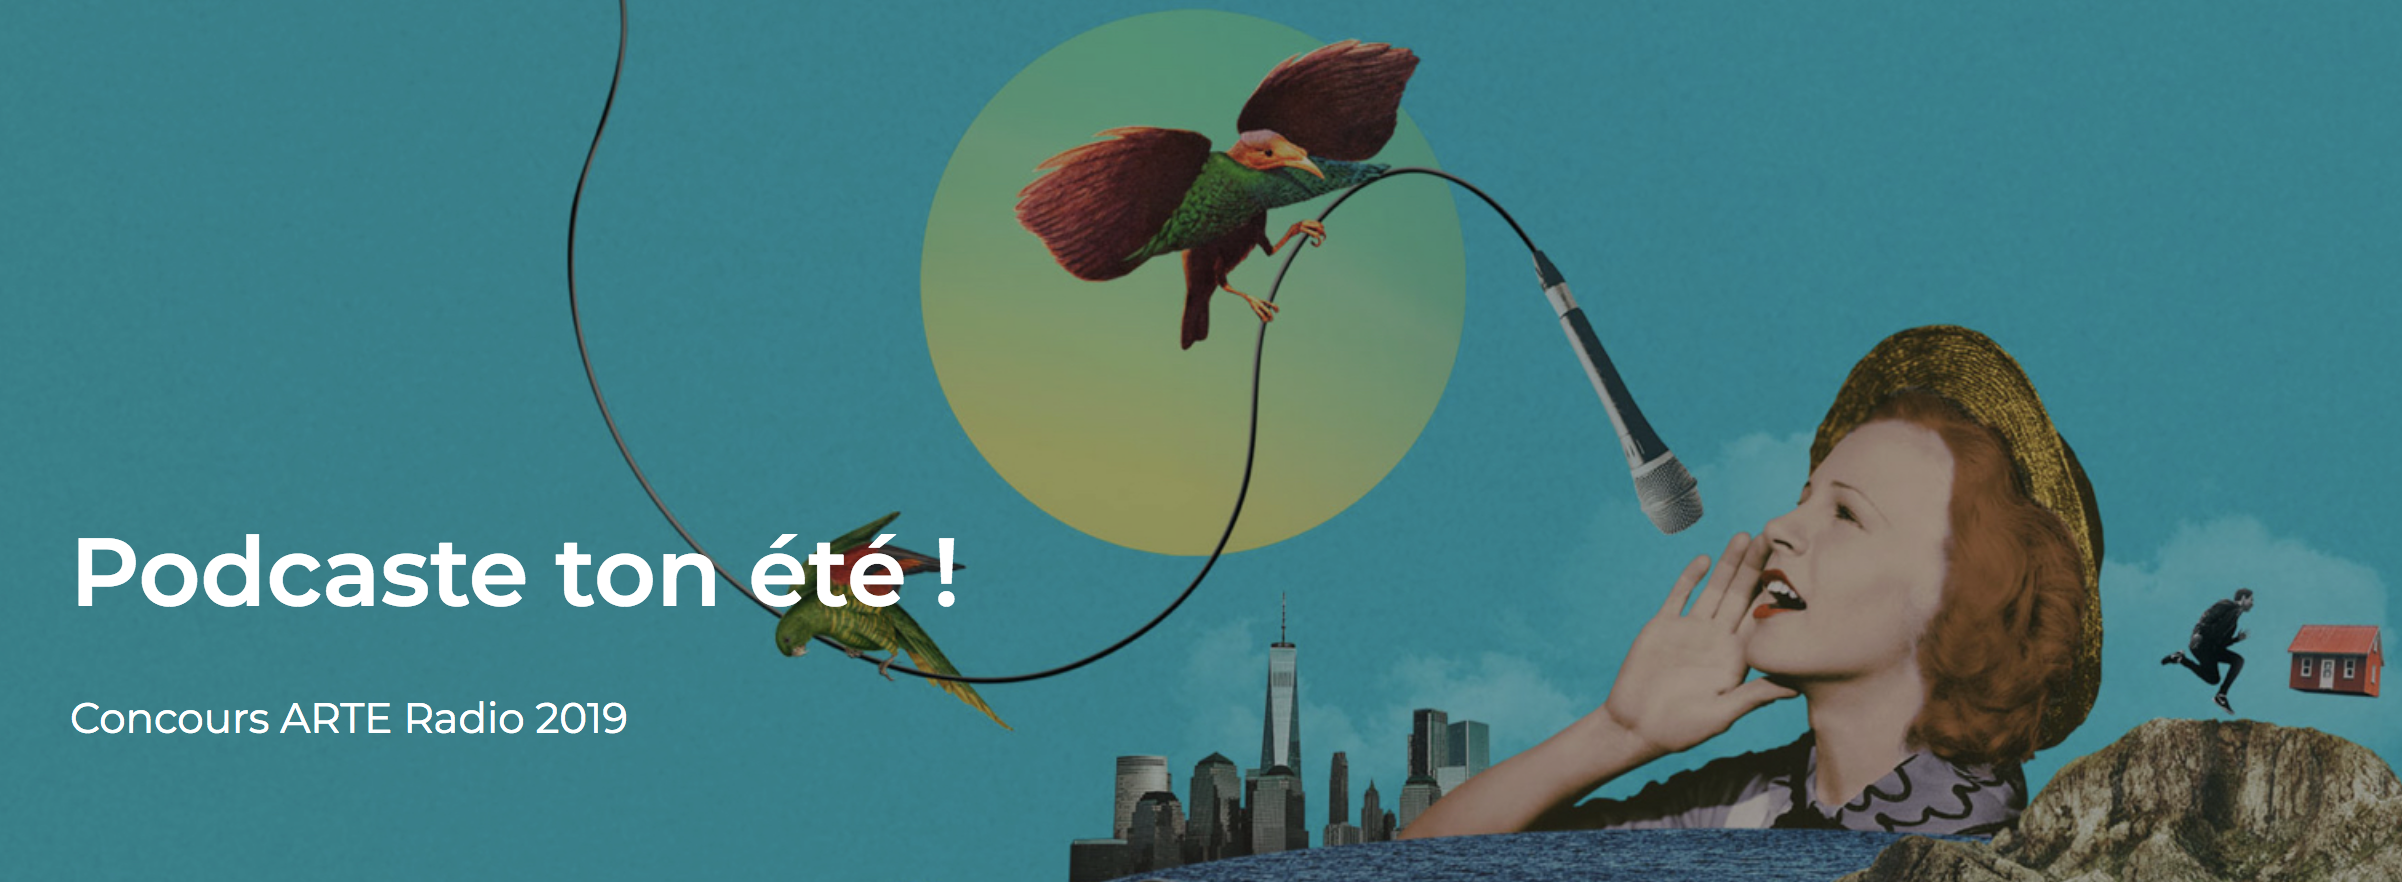 Arte Radio lance son concours de podcast sur l'été